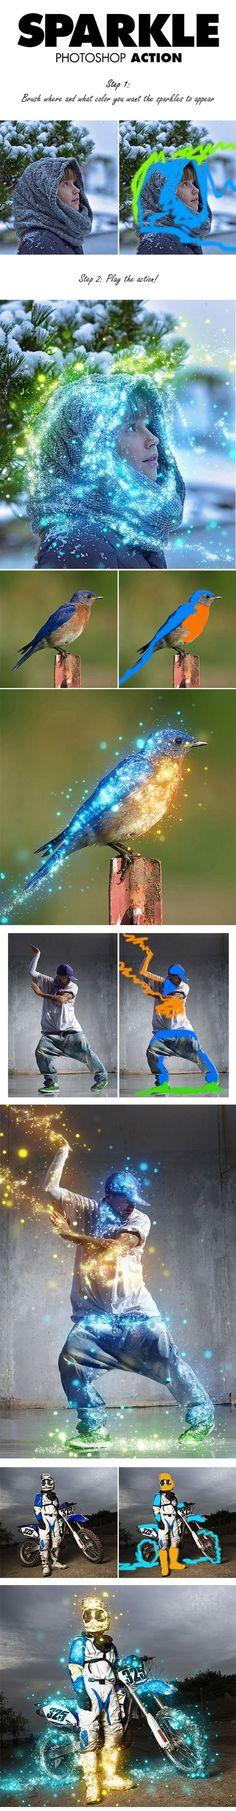 15-Sparkle Photoshop Action